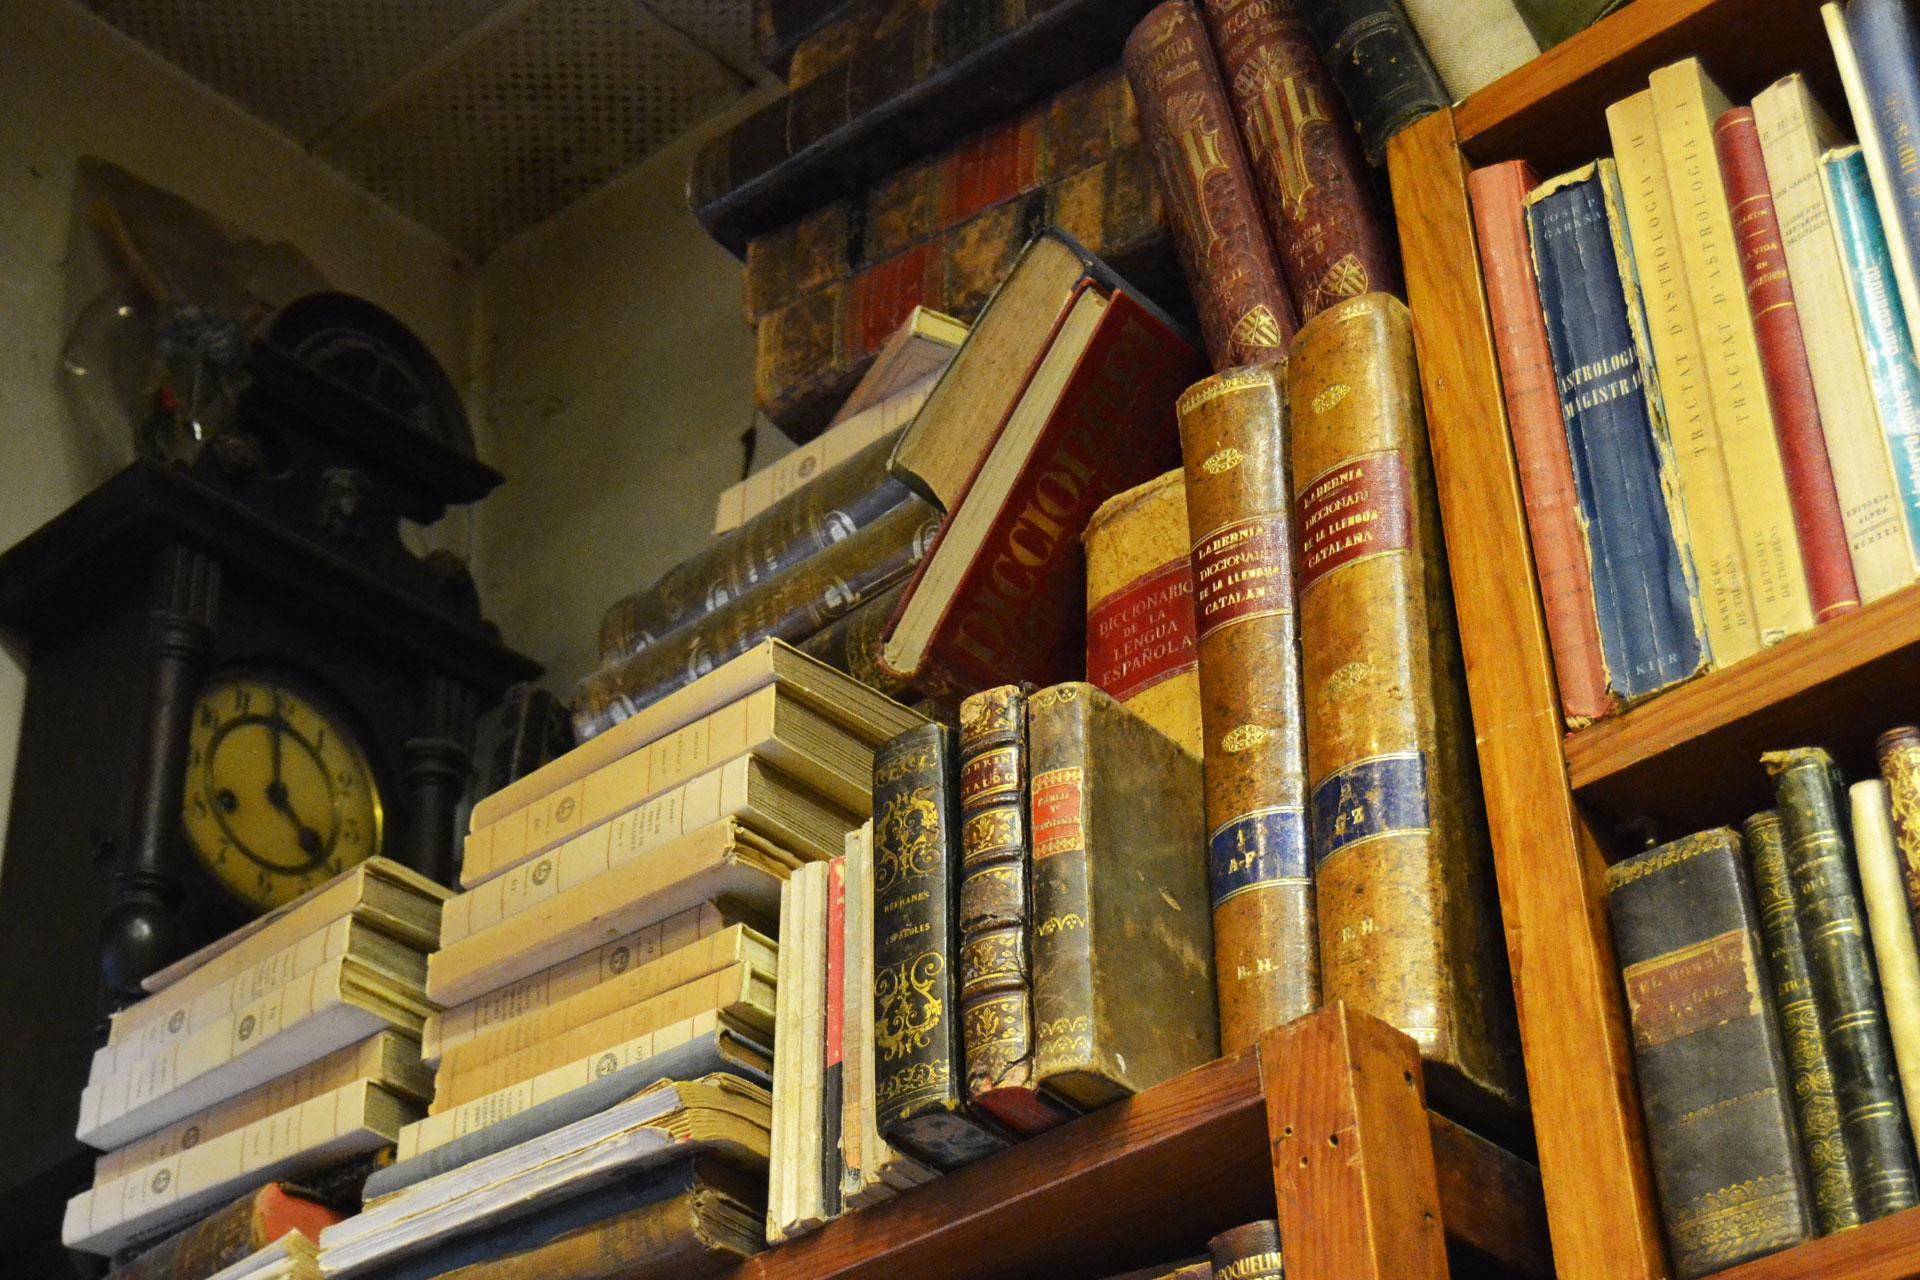 希少なアンティーク洋書が所蔵されたヨーロッパの古書店